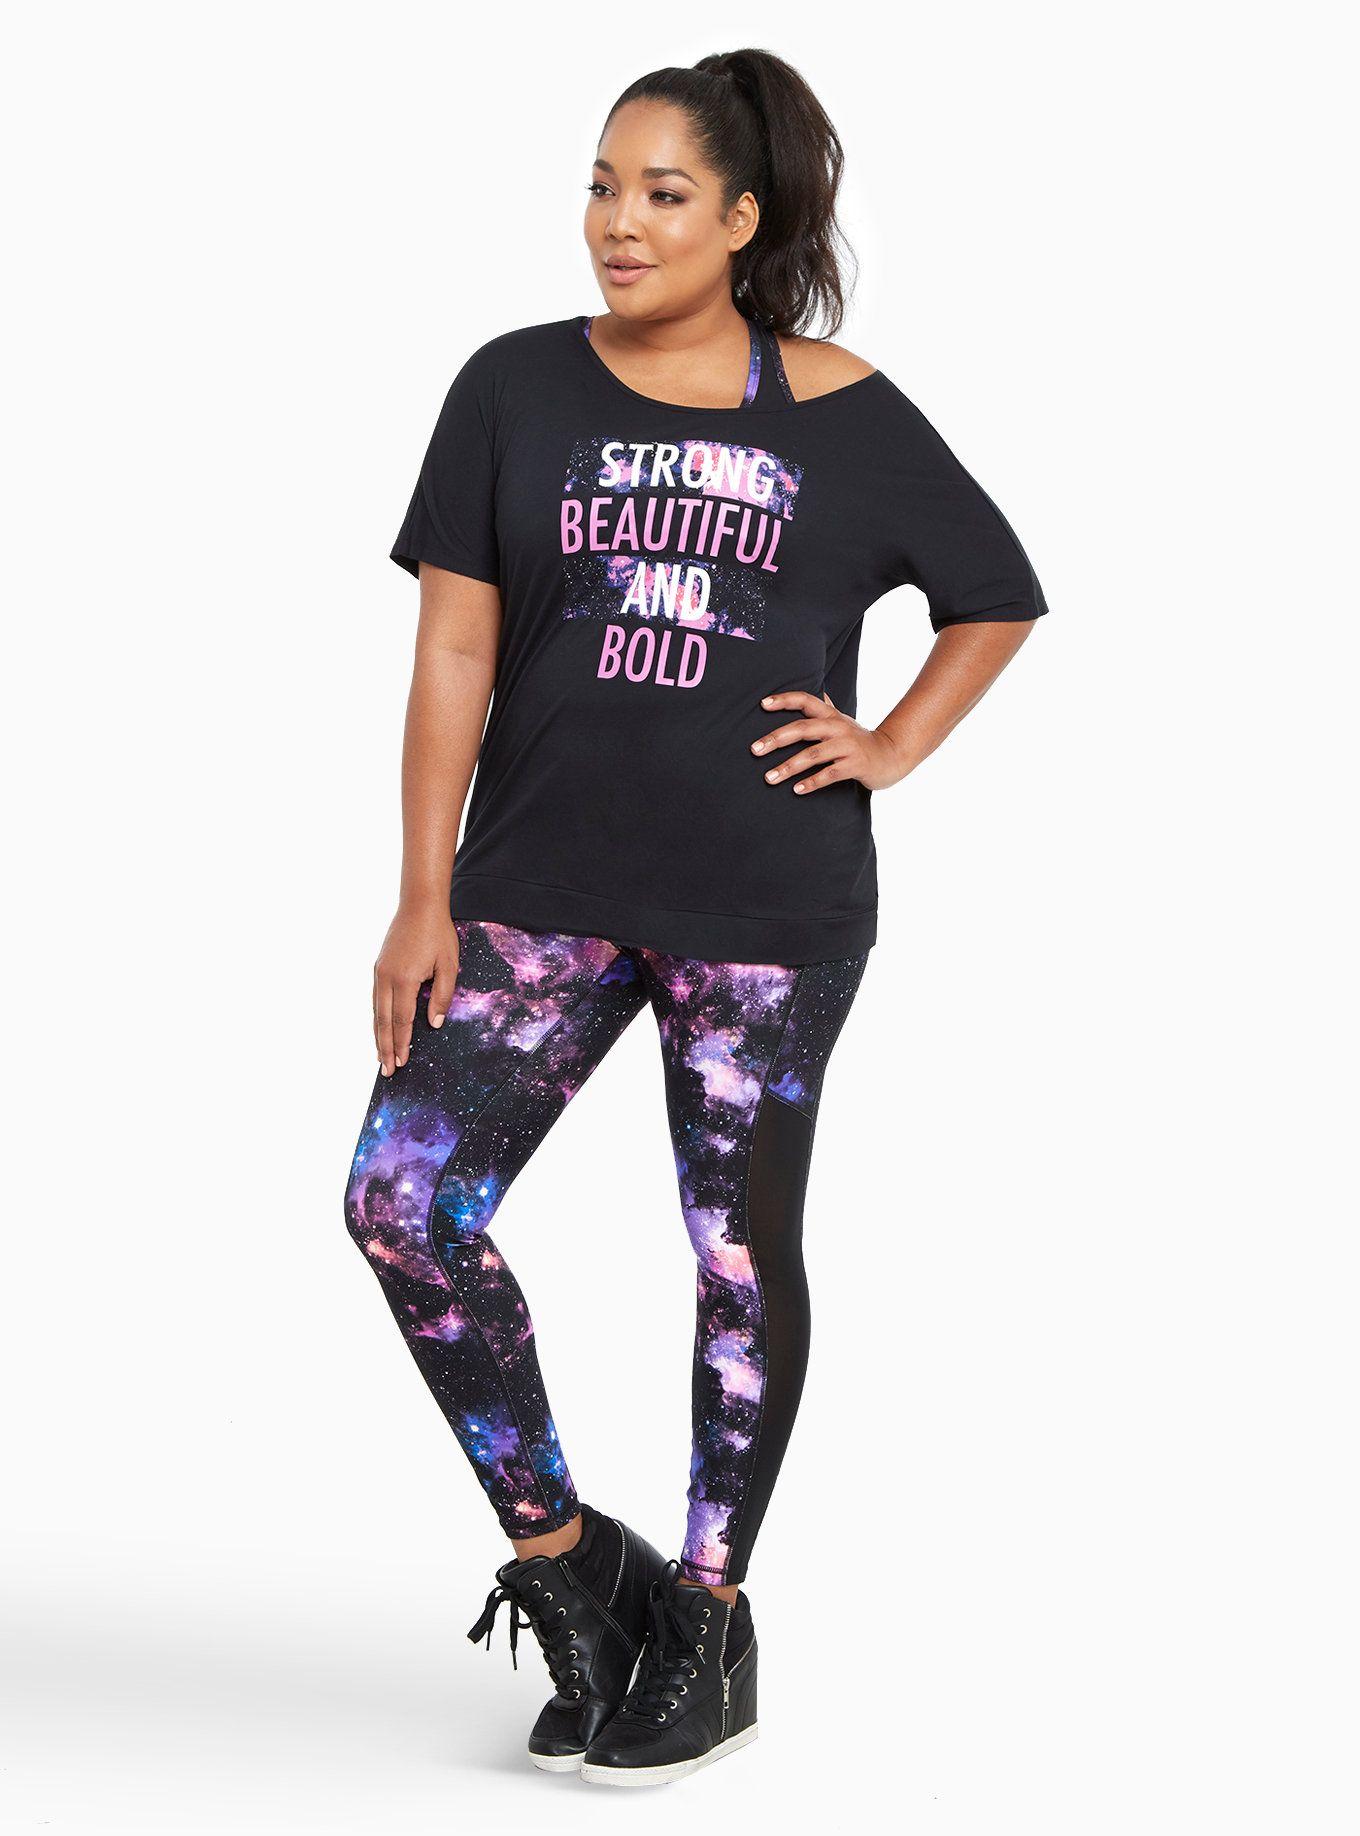 Plus Size Clothing Torrid Plus Size Activewear Plus Size Fashion Plus Size Outfits